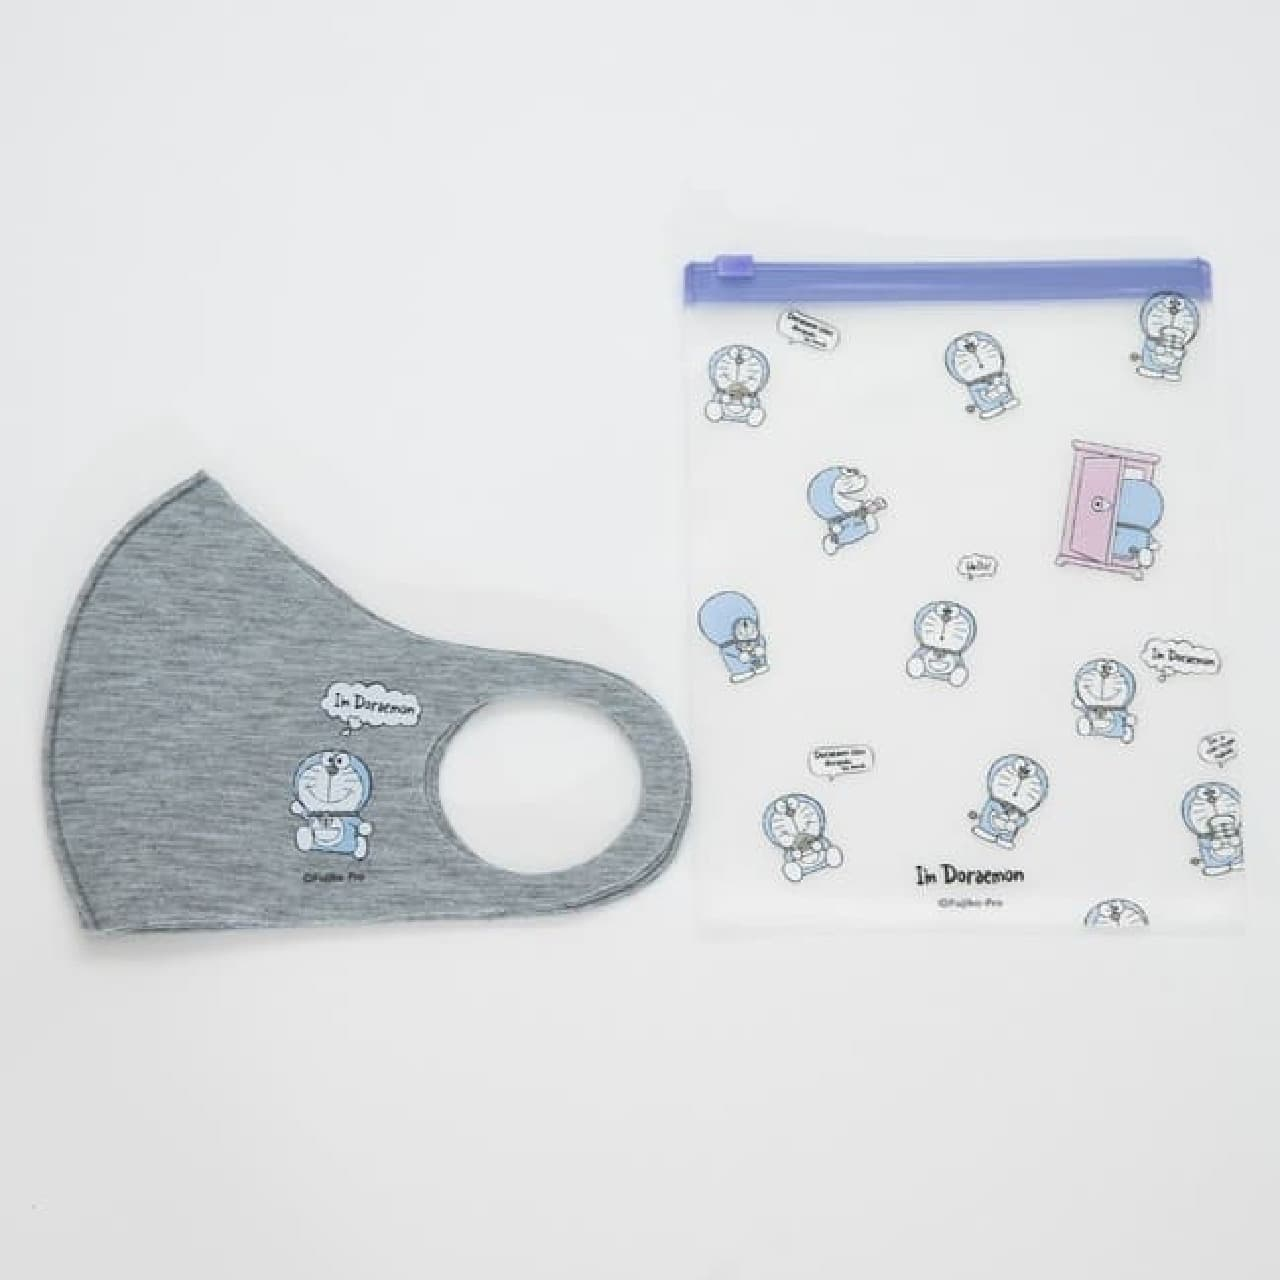 ドラえもんのマスク&抗菌ポーチセット -- 軽いつけ心地&可愛いワンポイント